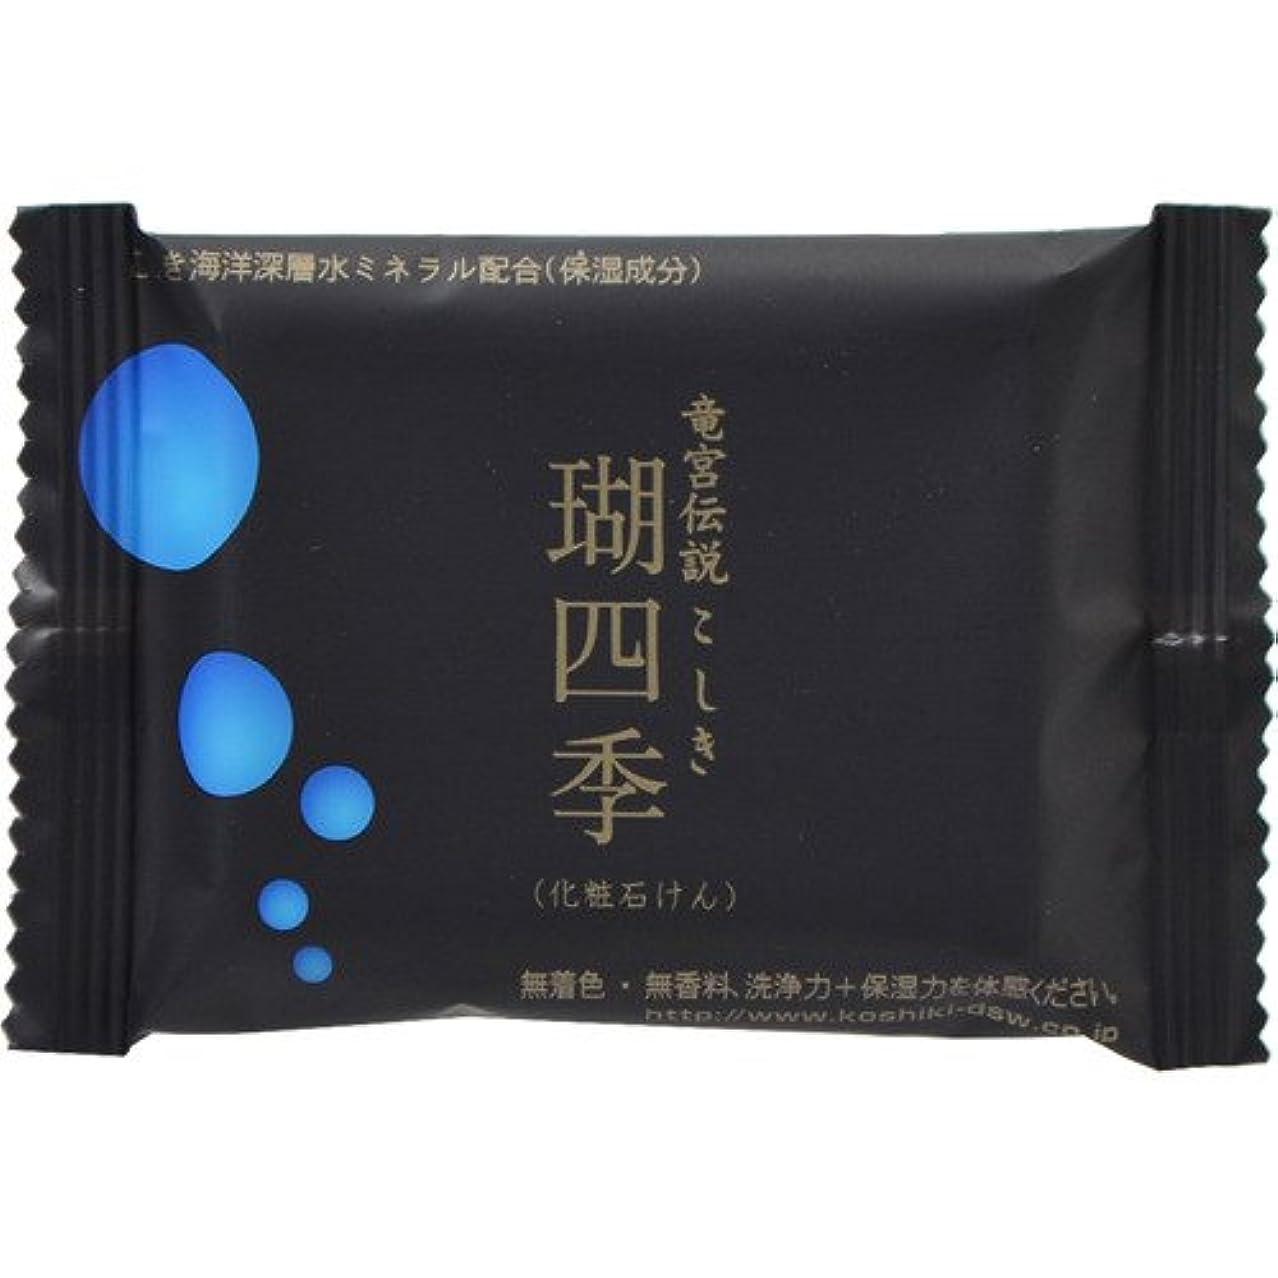 修羅場カテゴリーゴールデン瑚四季 化粧石鹸 30g